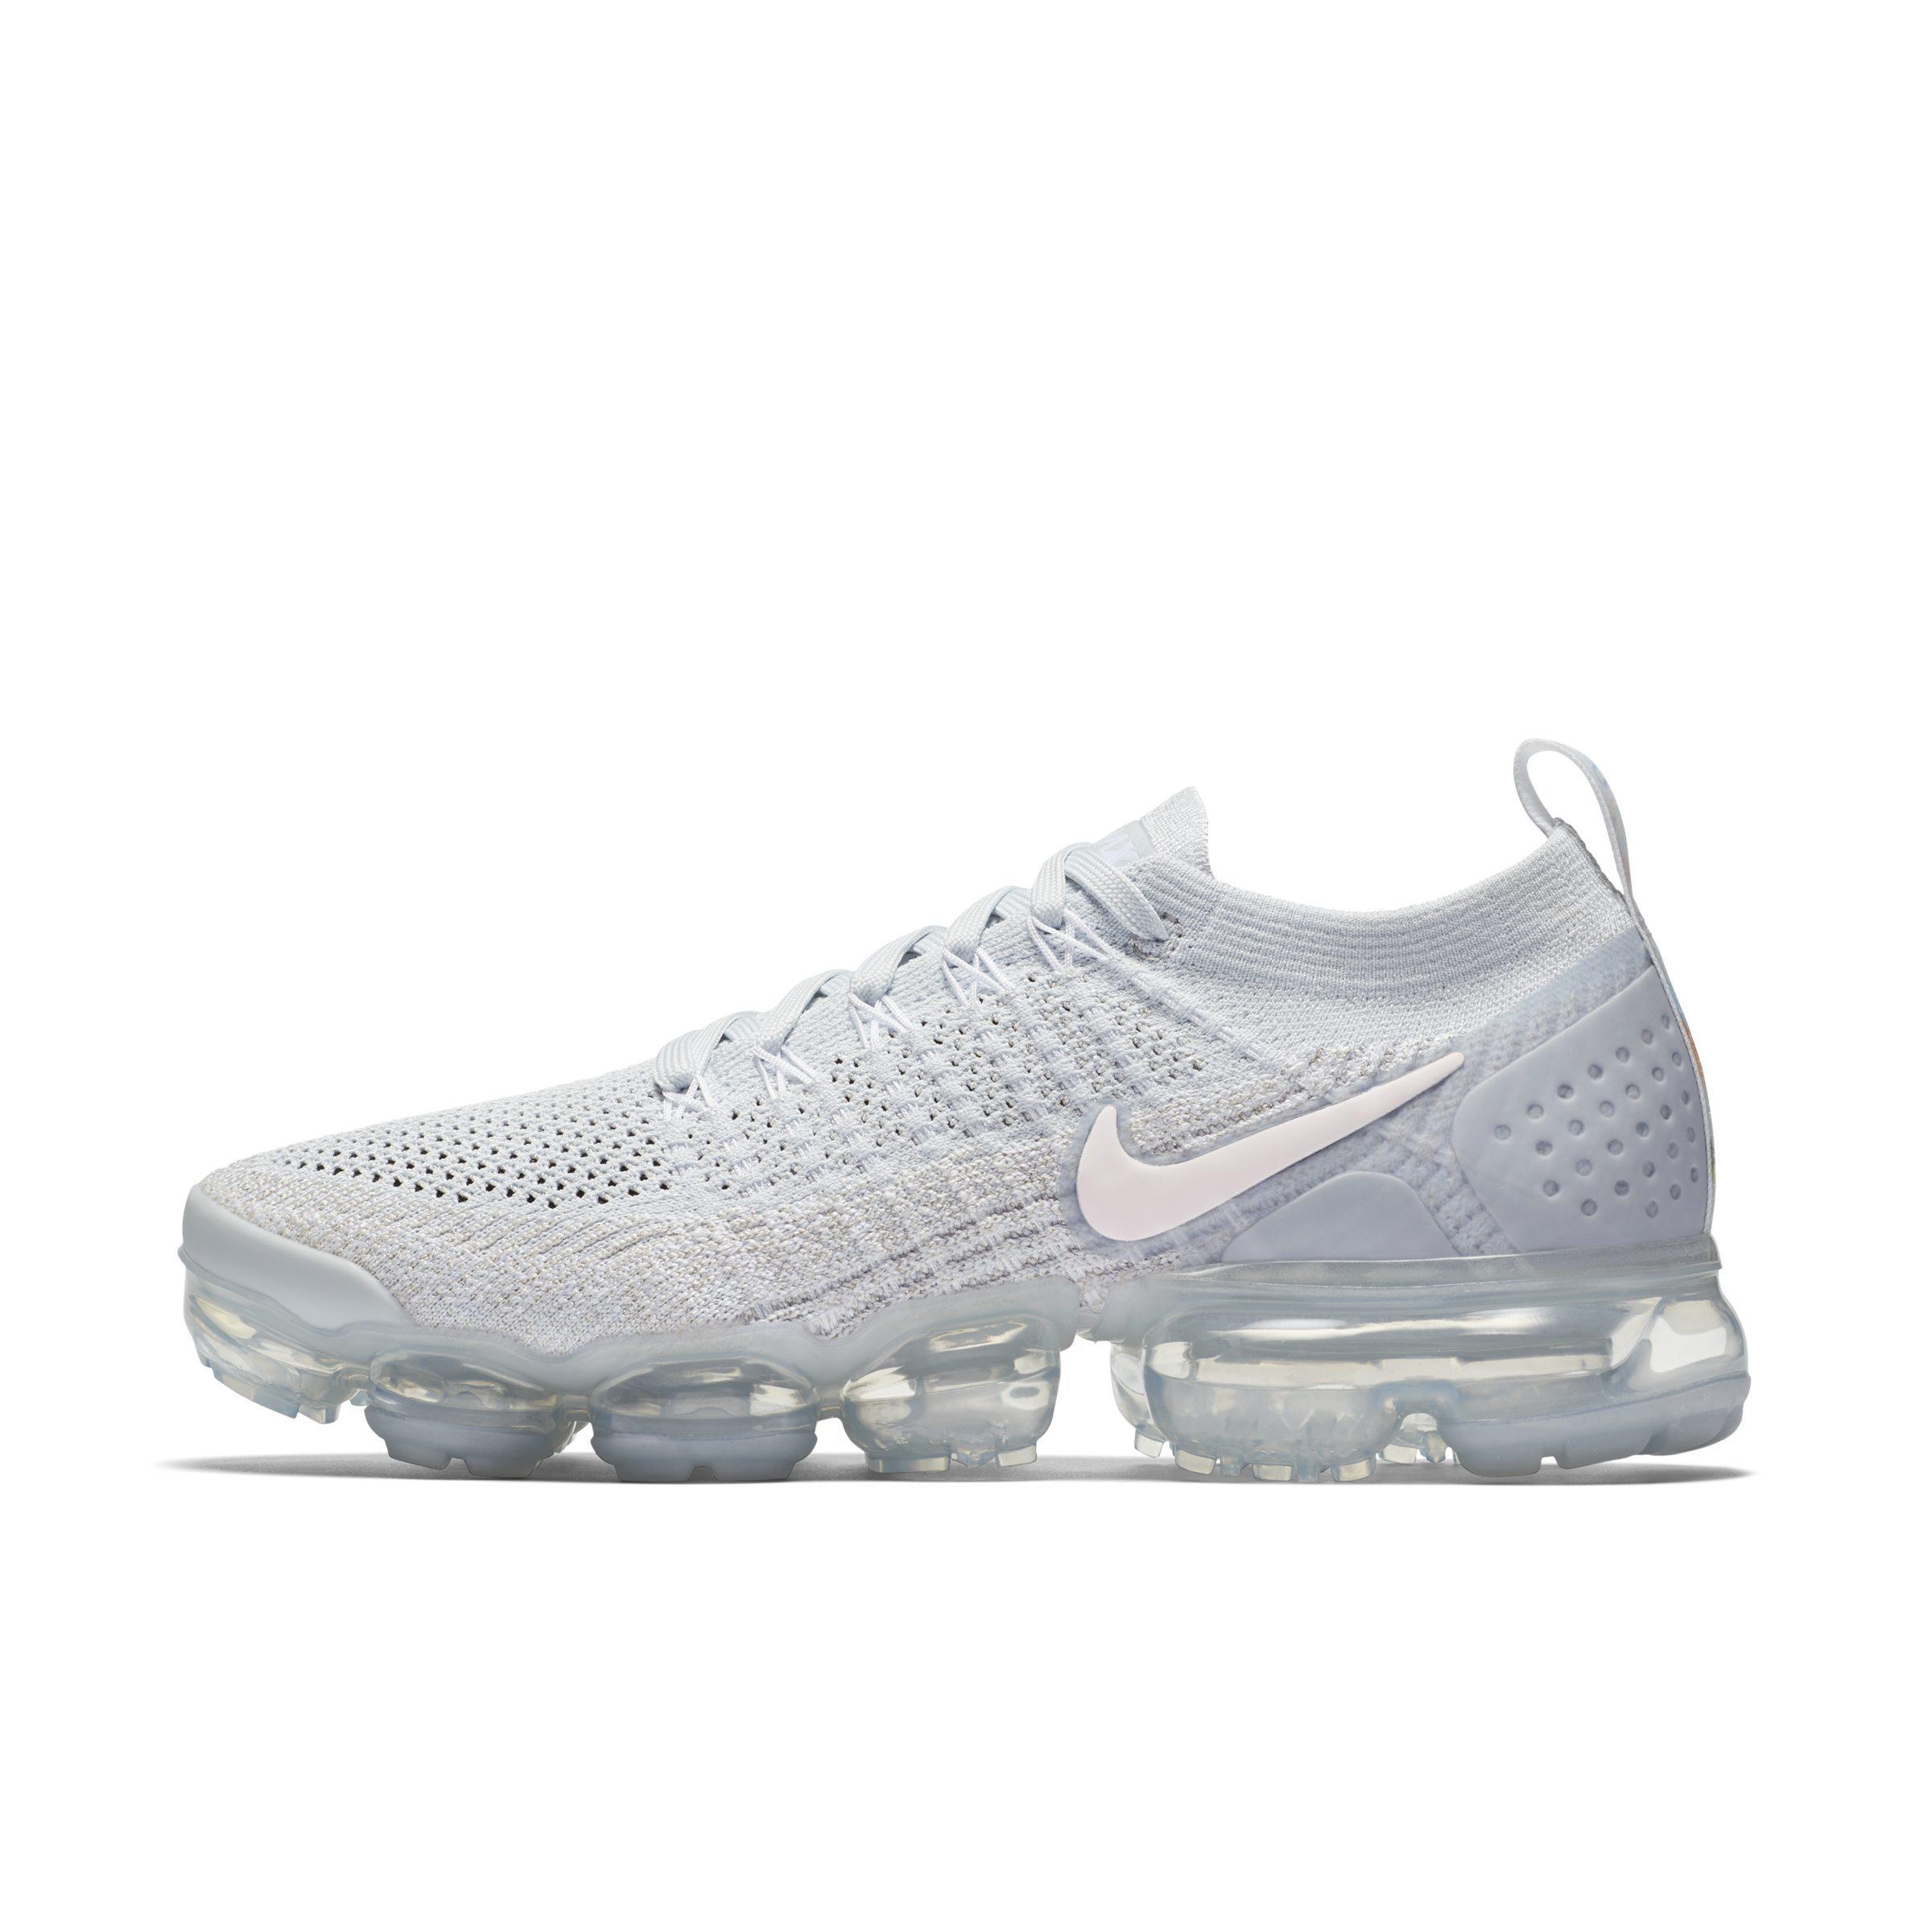 Bestellen Damen Schuhe Nike Air VaporMax 2019 WeißSilber